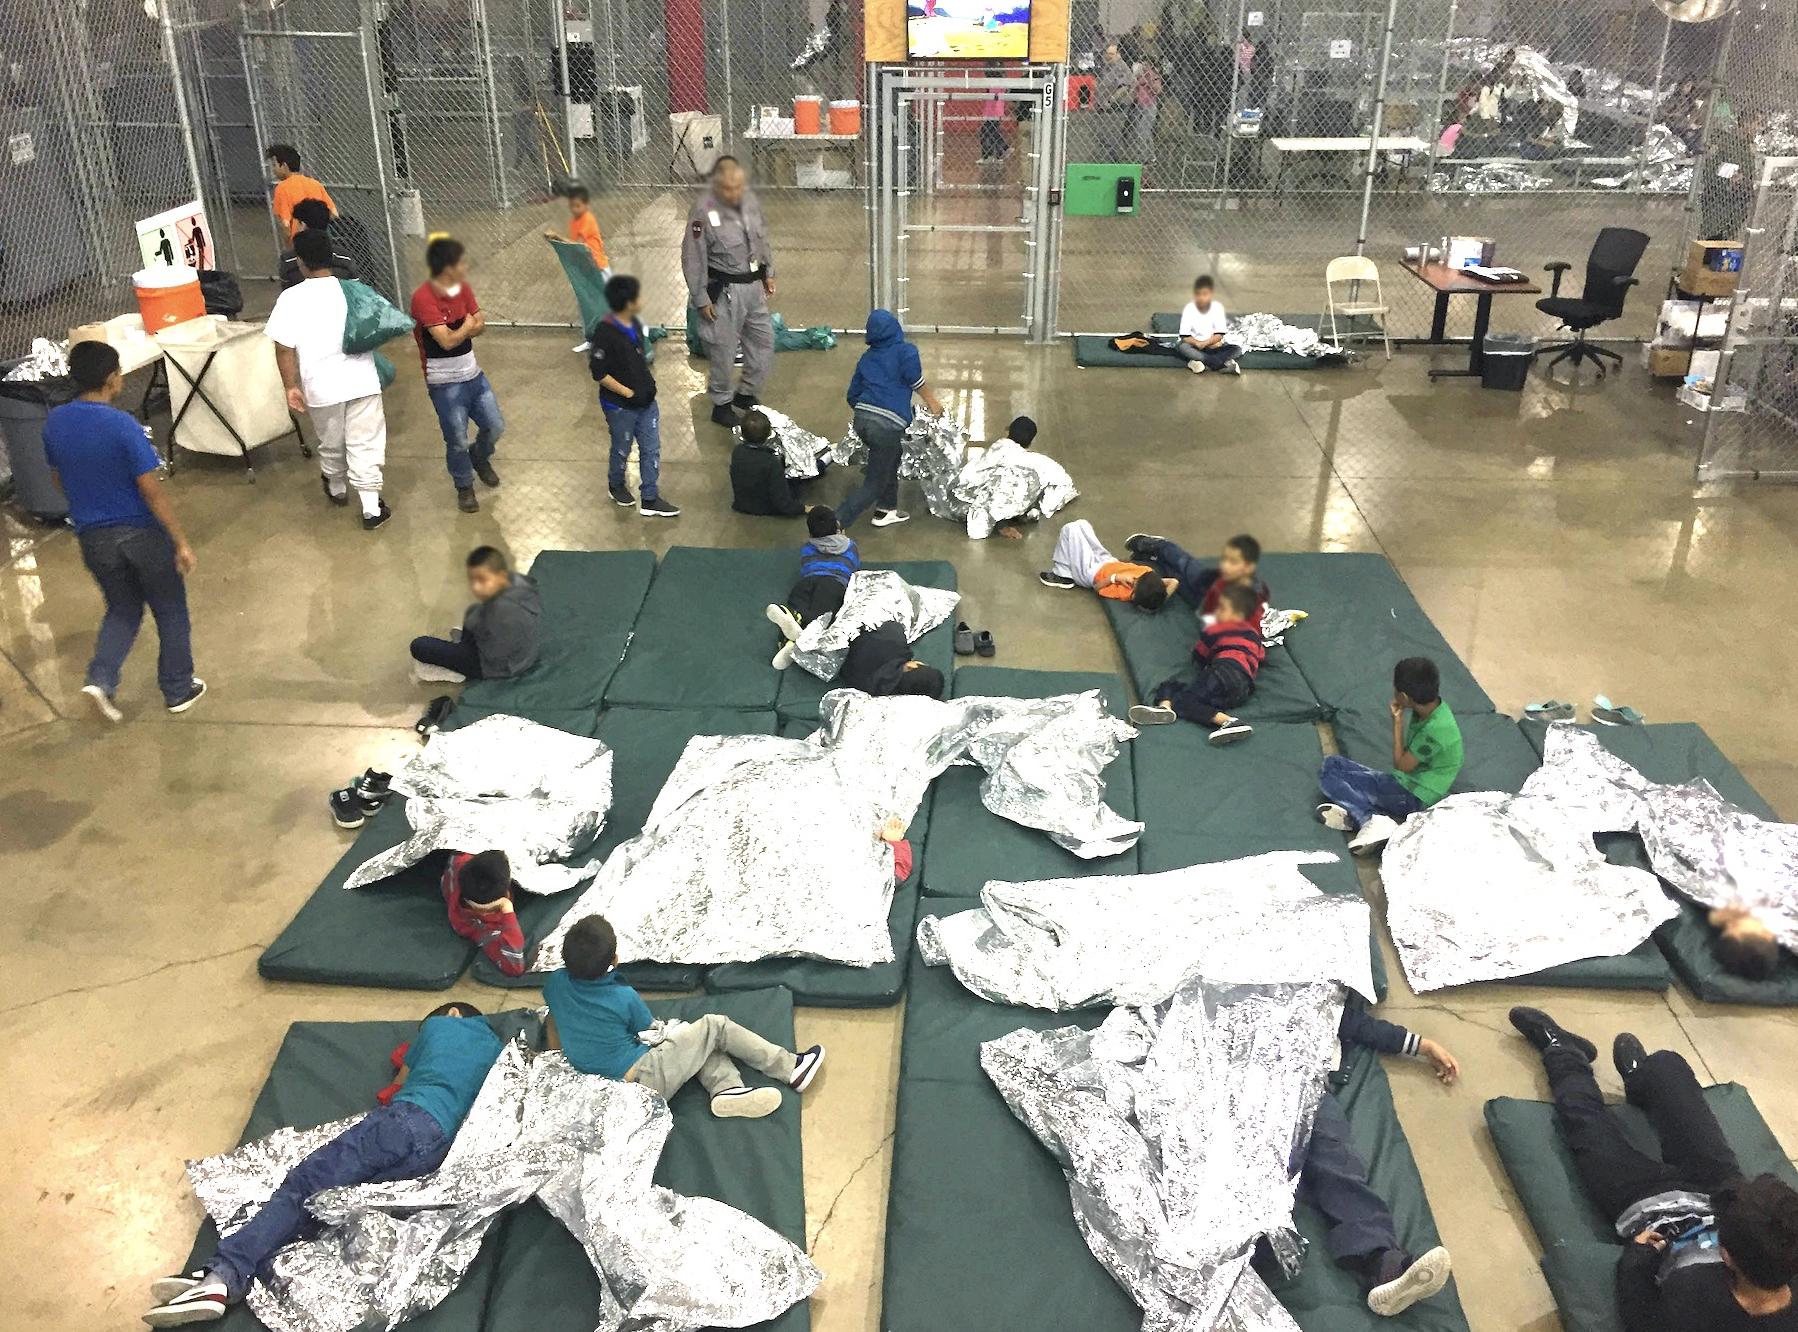 El encierro de menores migrantes separados de sus familias ha sido una práctica ejercida por el actual gobierno de Estados Unidos. Foto: tomada de internet.